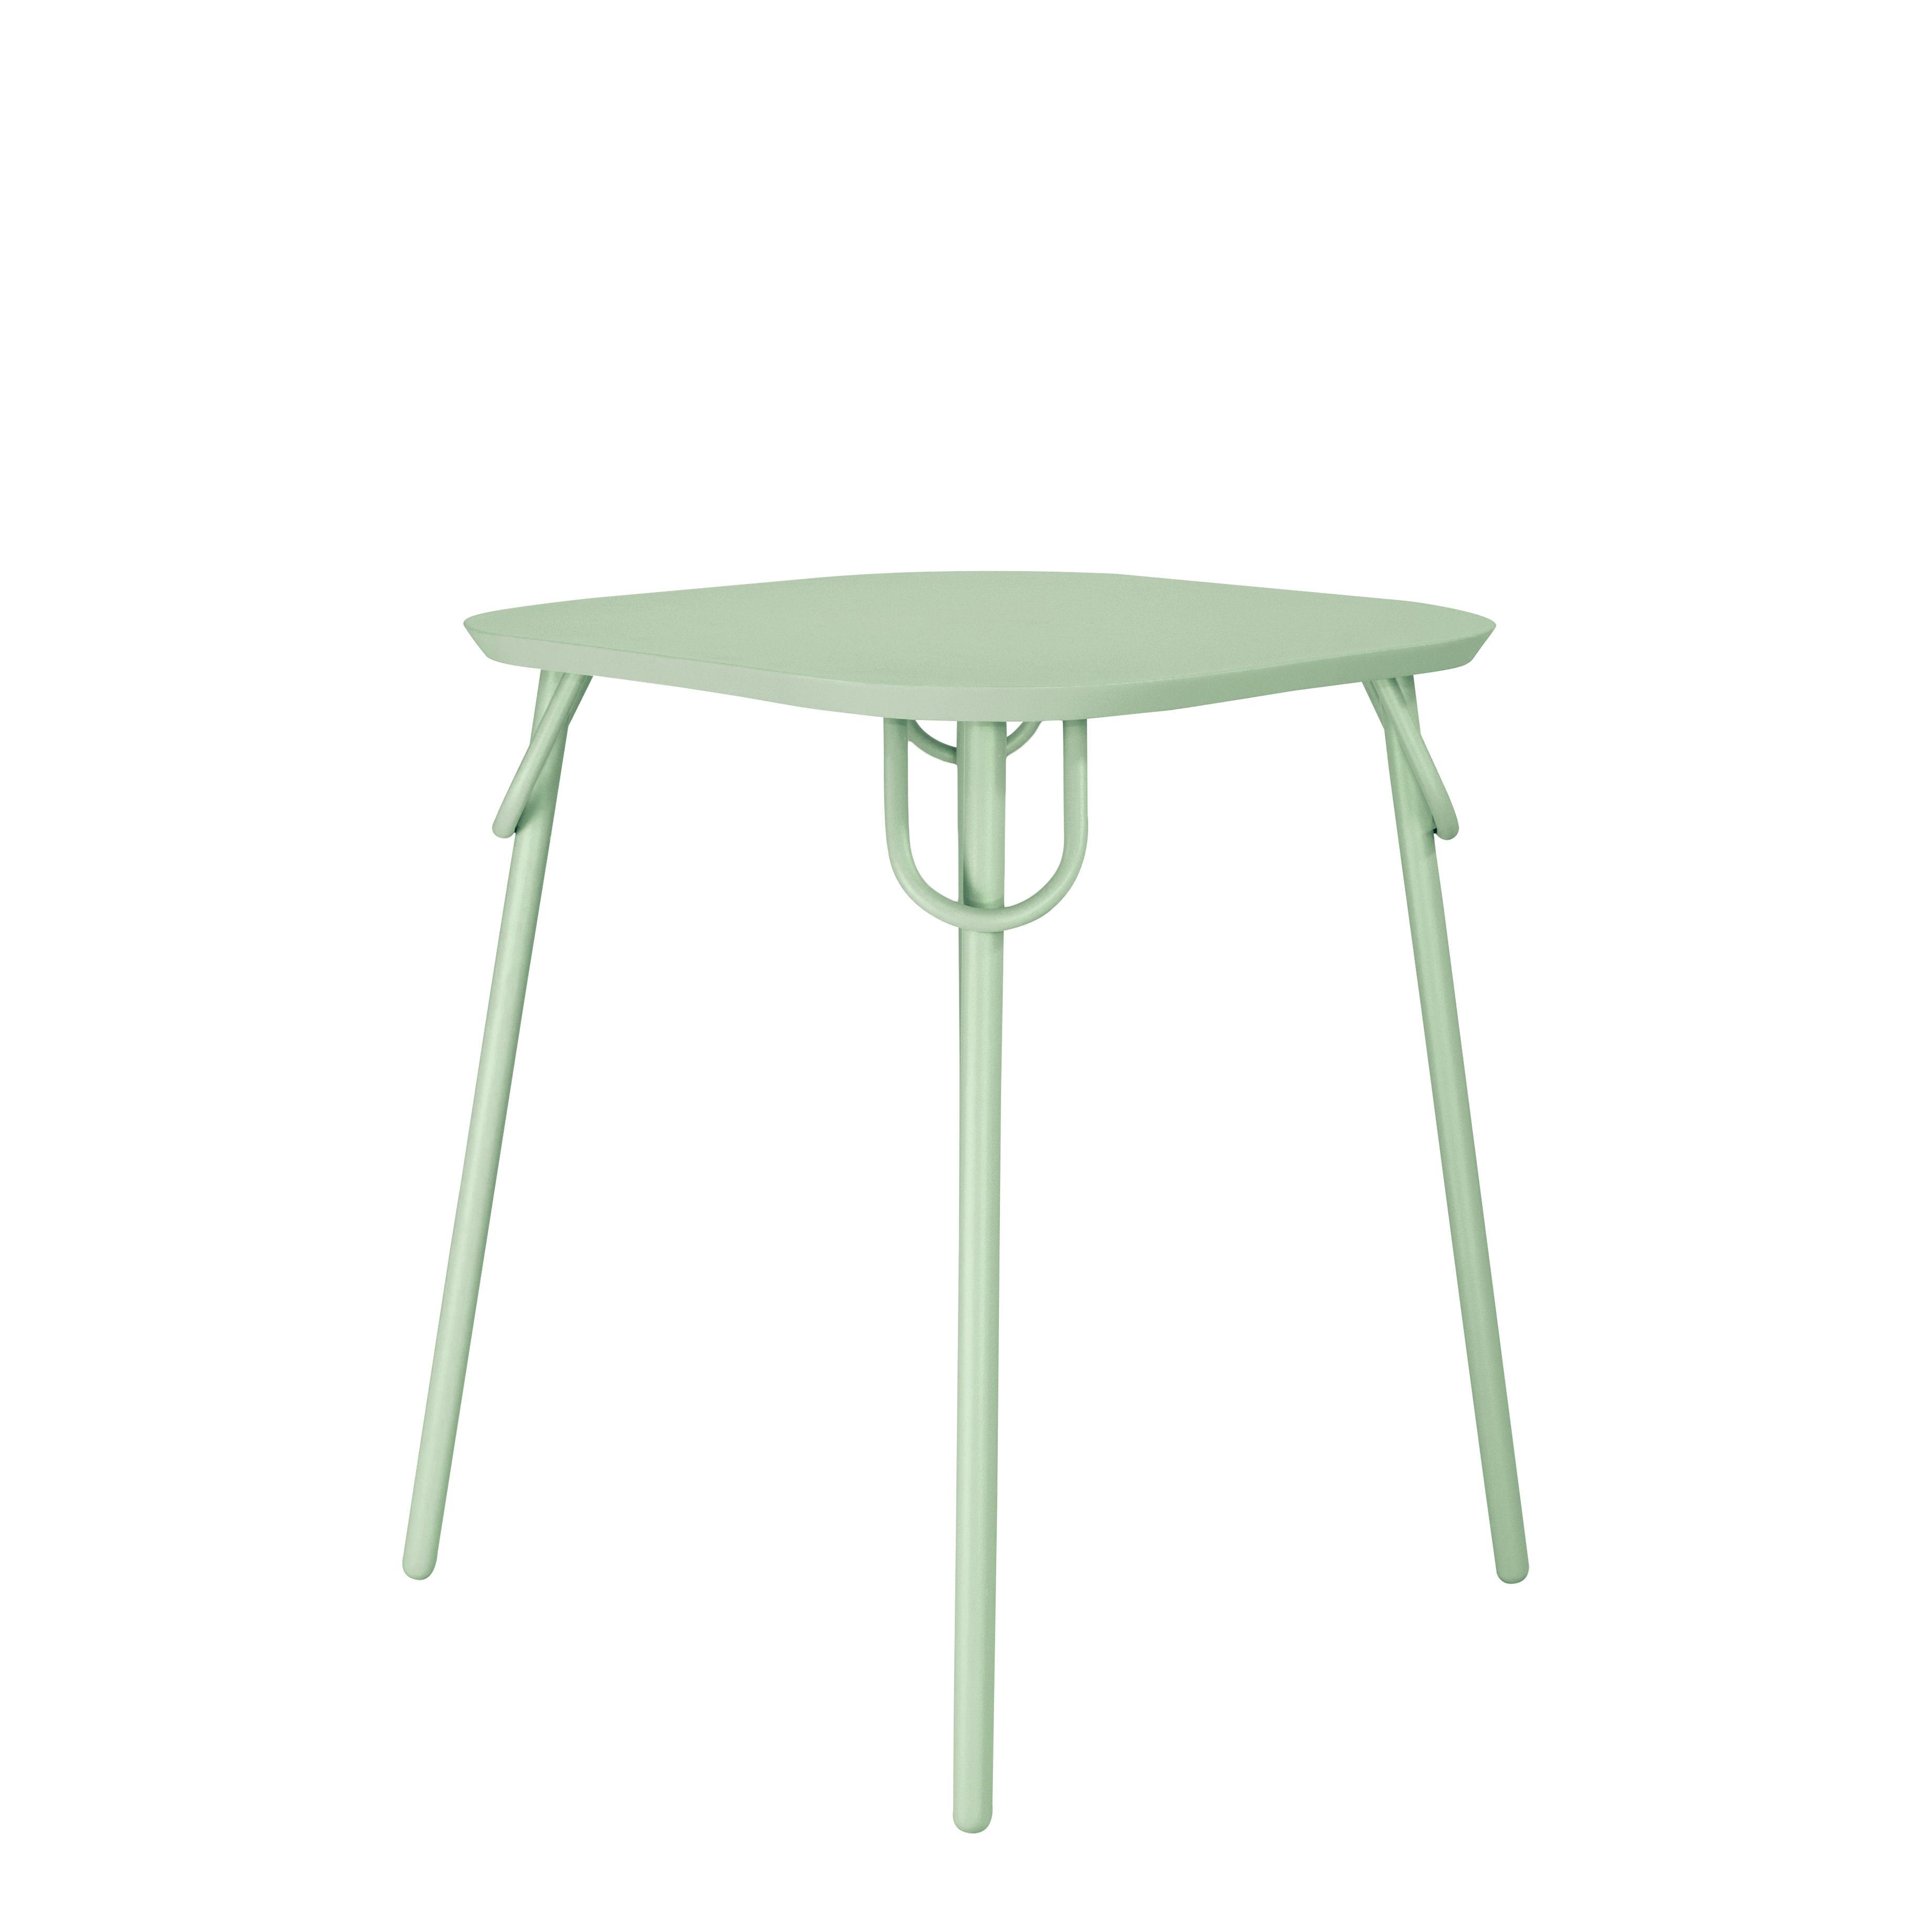 Outdoor - Garden Tables - Swim Duo Square table - / Indoor & outdoor - 63 x 63 cm by Bibelo - Venetian sky green - Epoxy lacquered steel